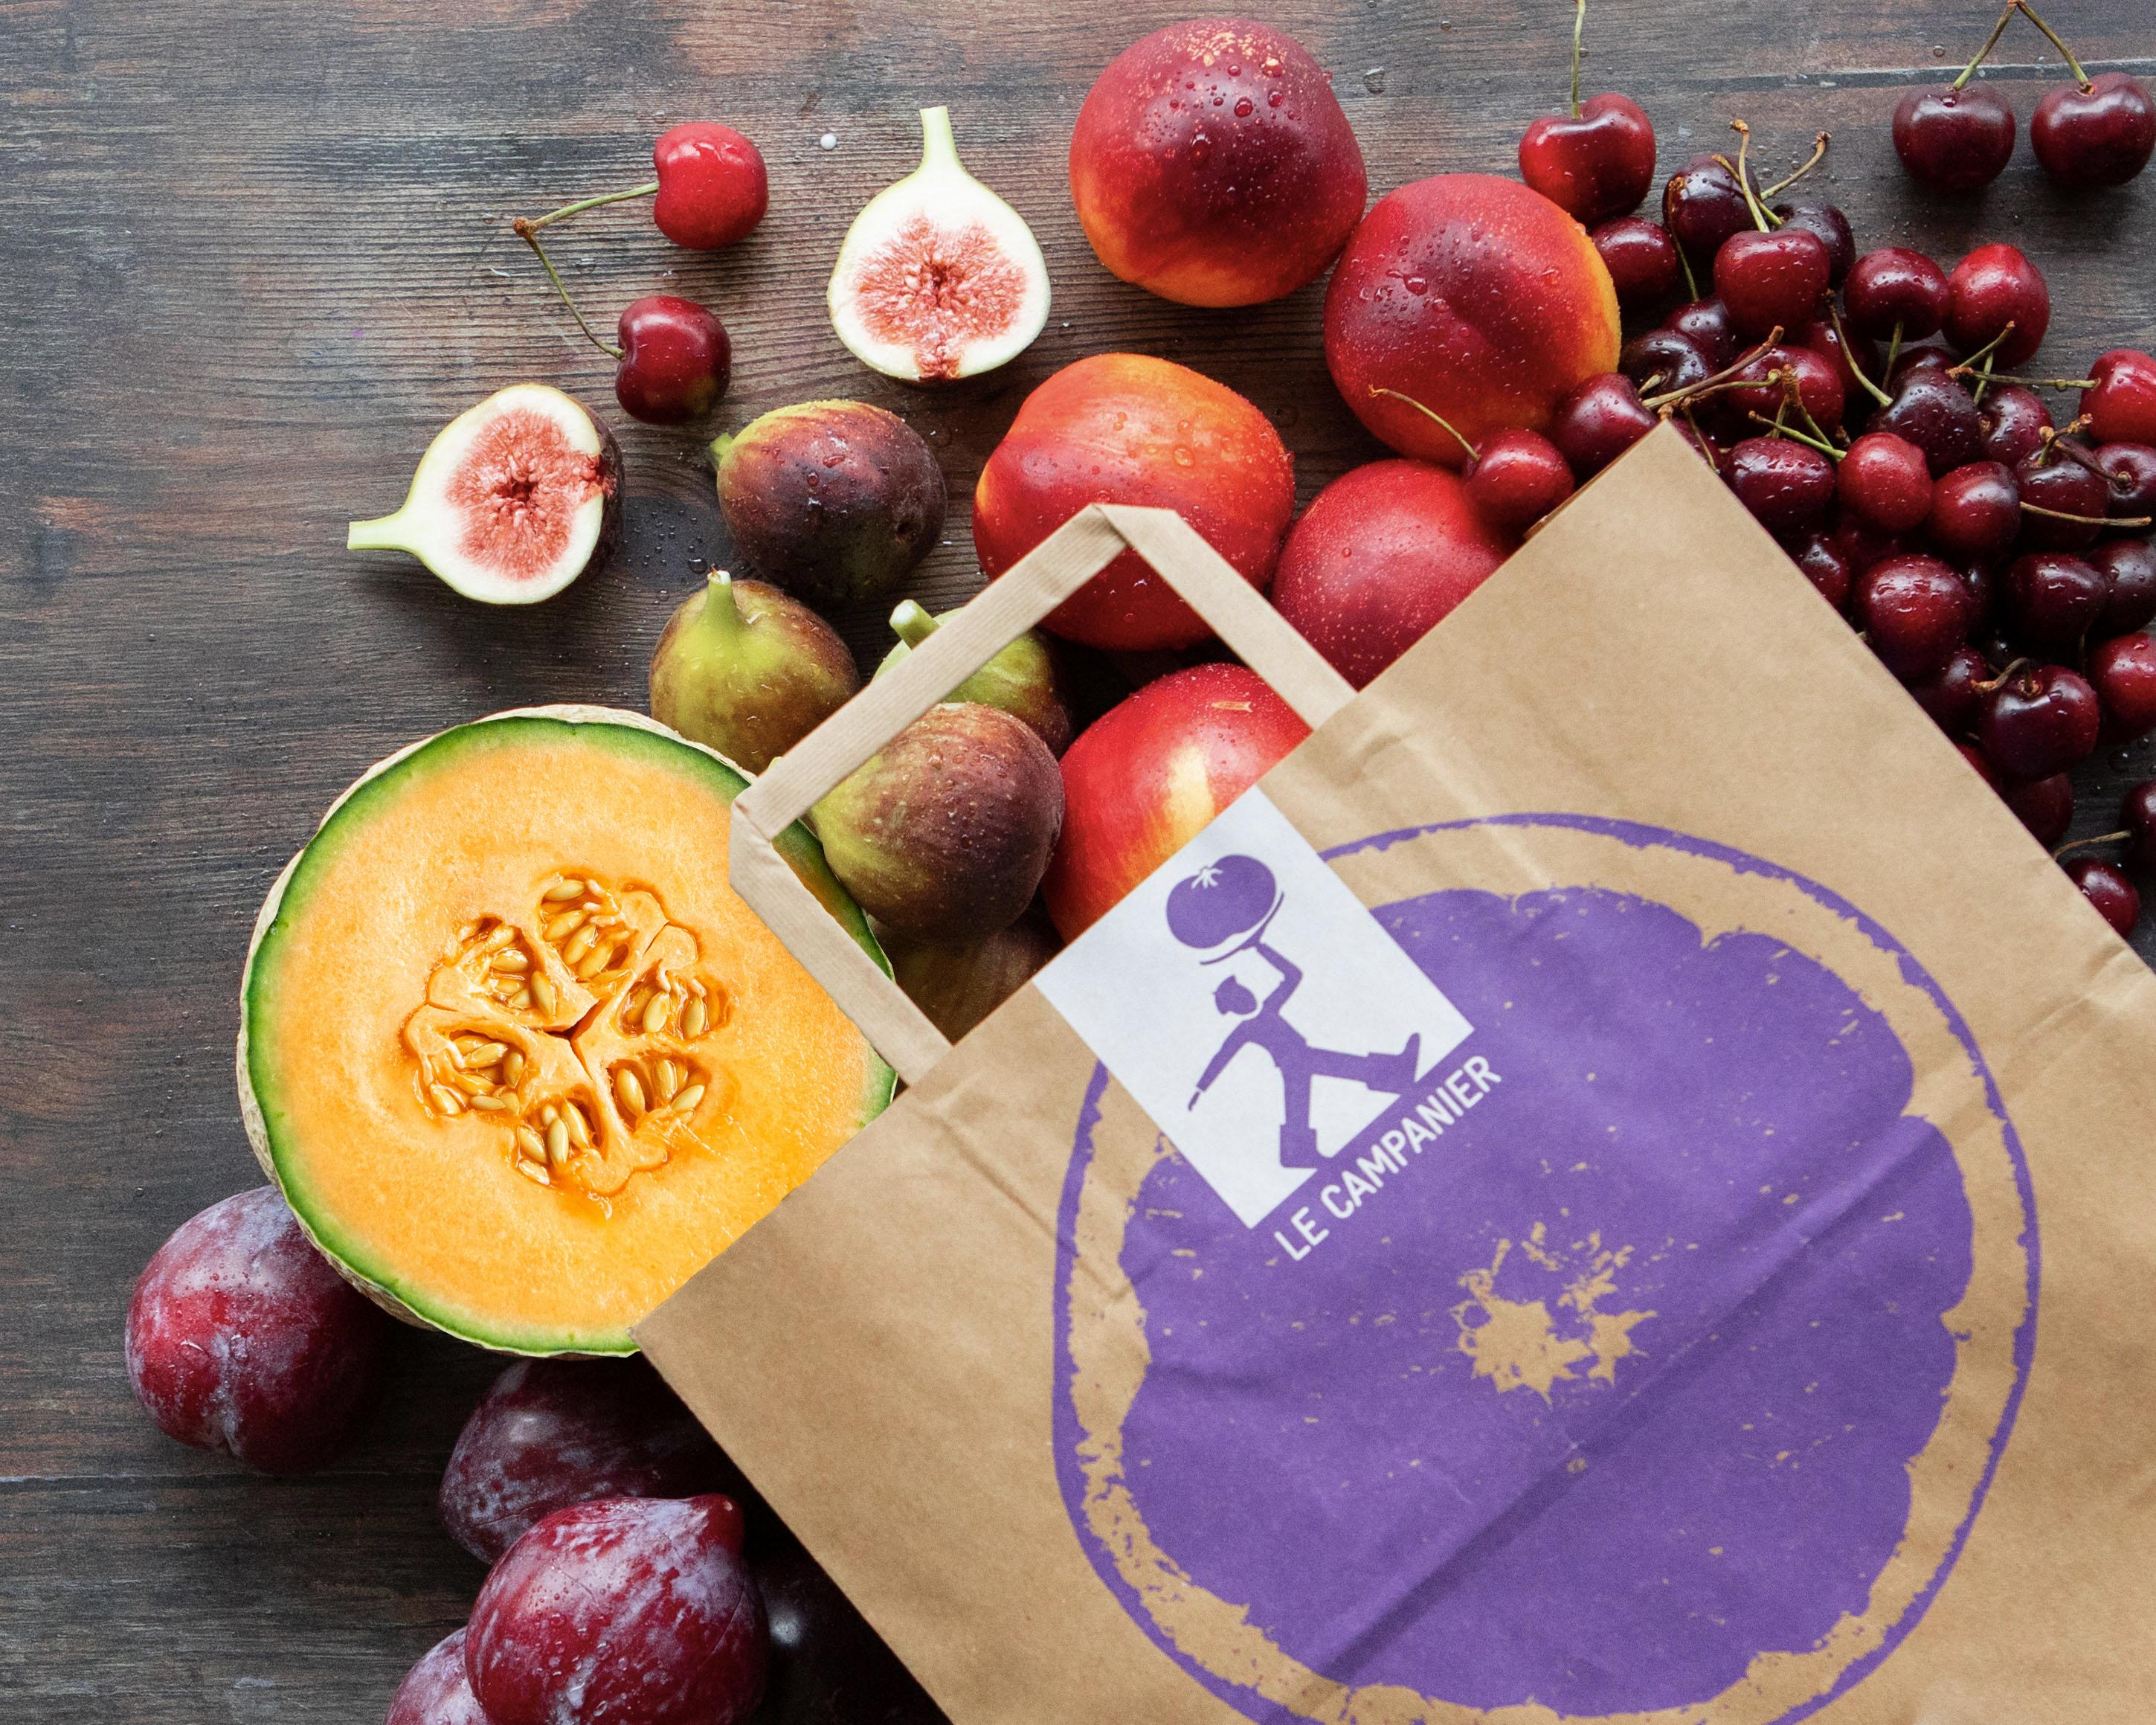 sac de fruits d'été bio : melon, figue, nectarines, cerises et prunes